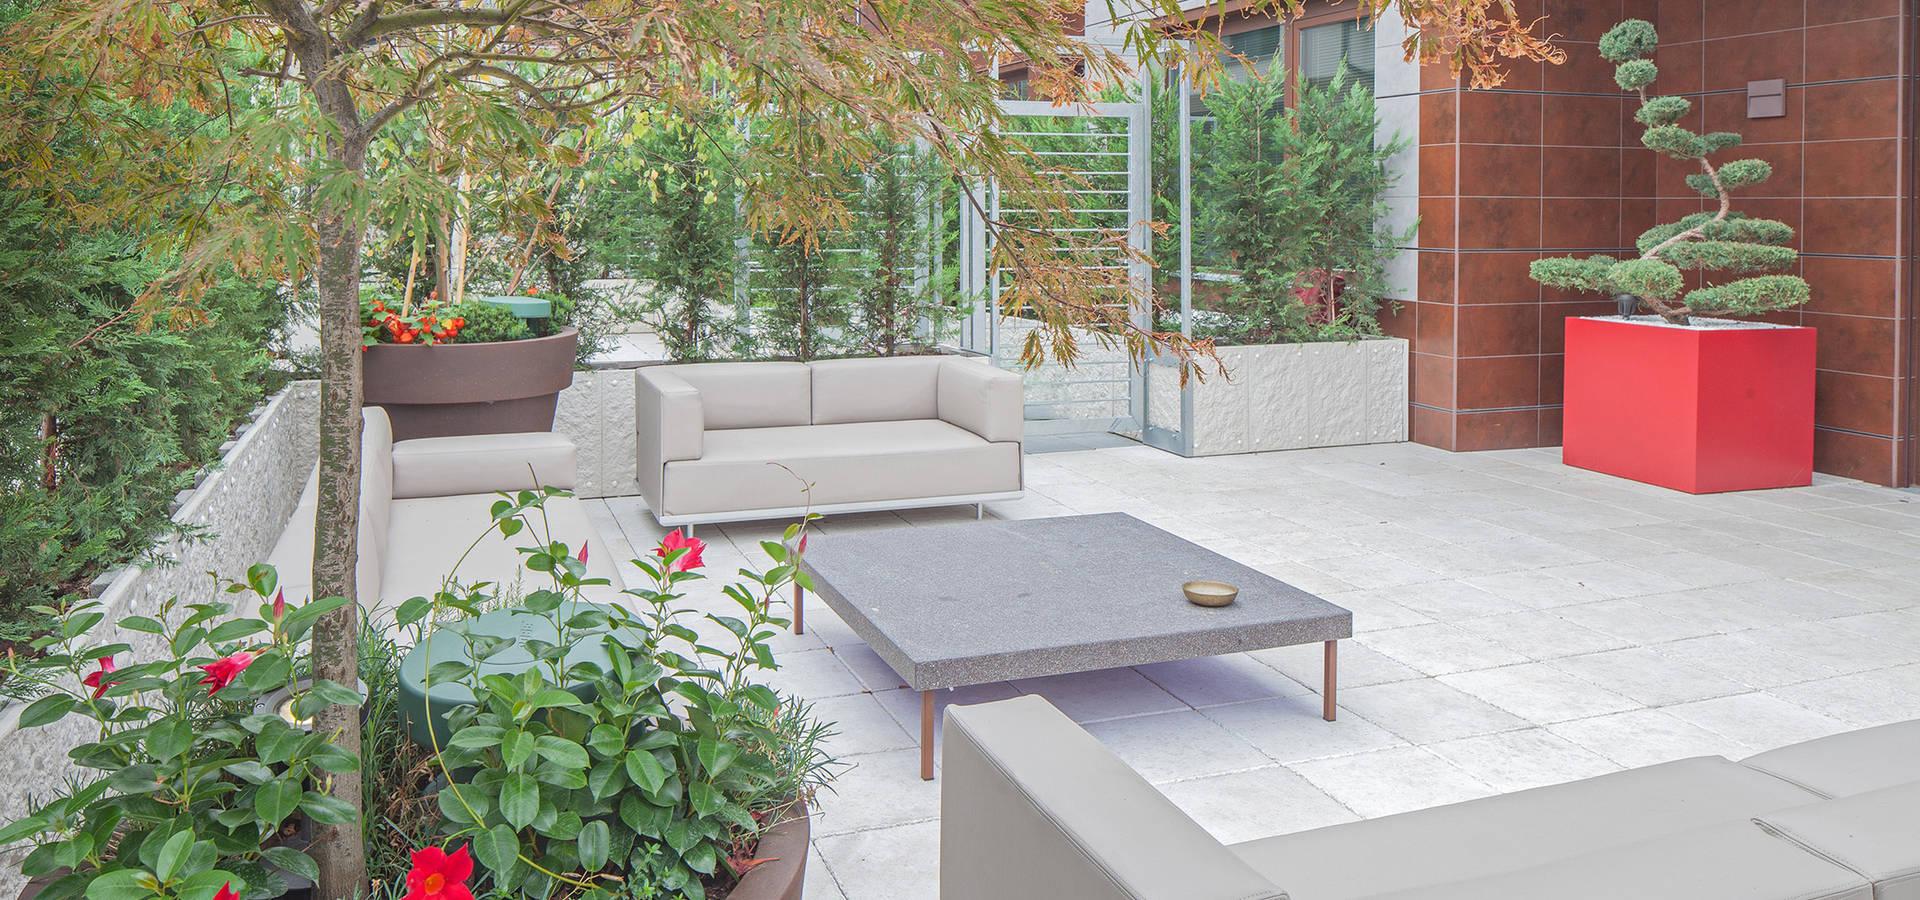 Silvia delpiano studio e progettazione giardini for Foto giardini a terrazza